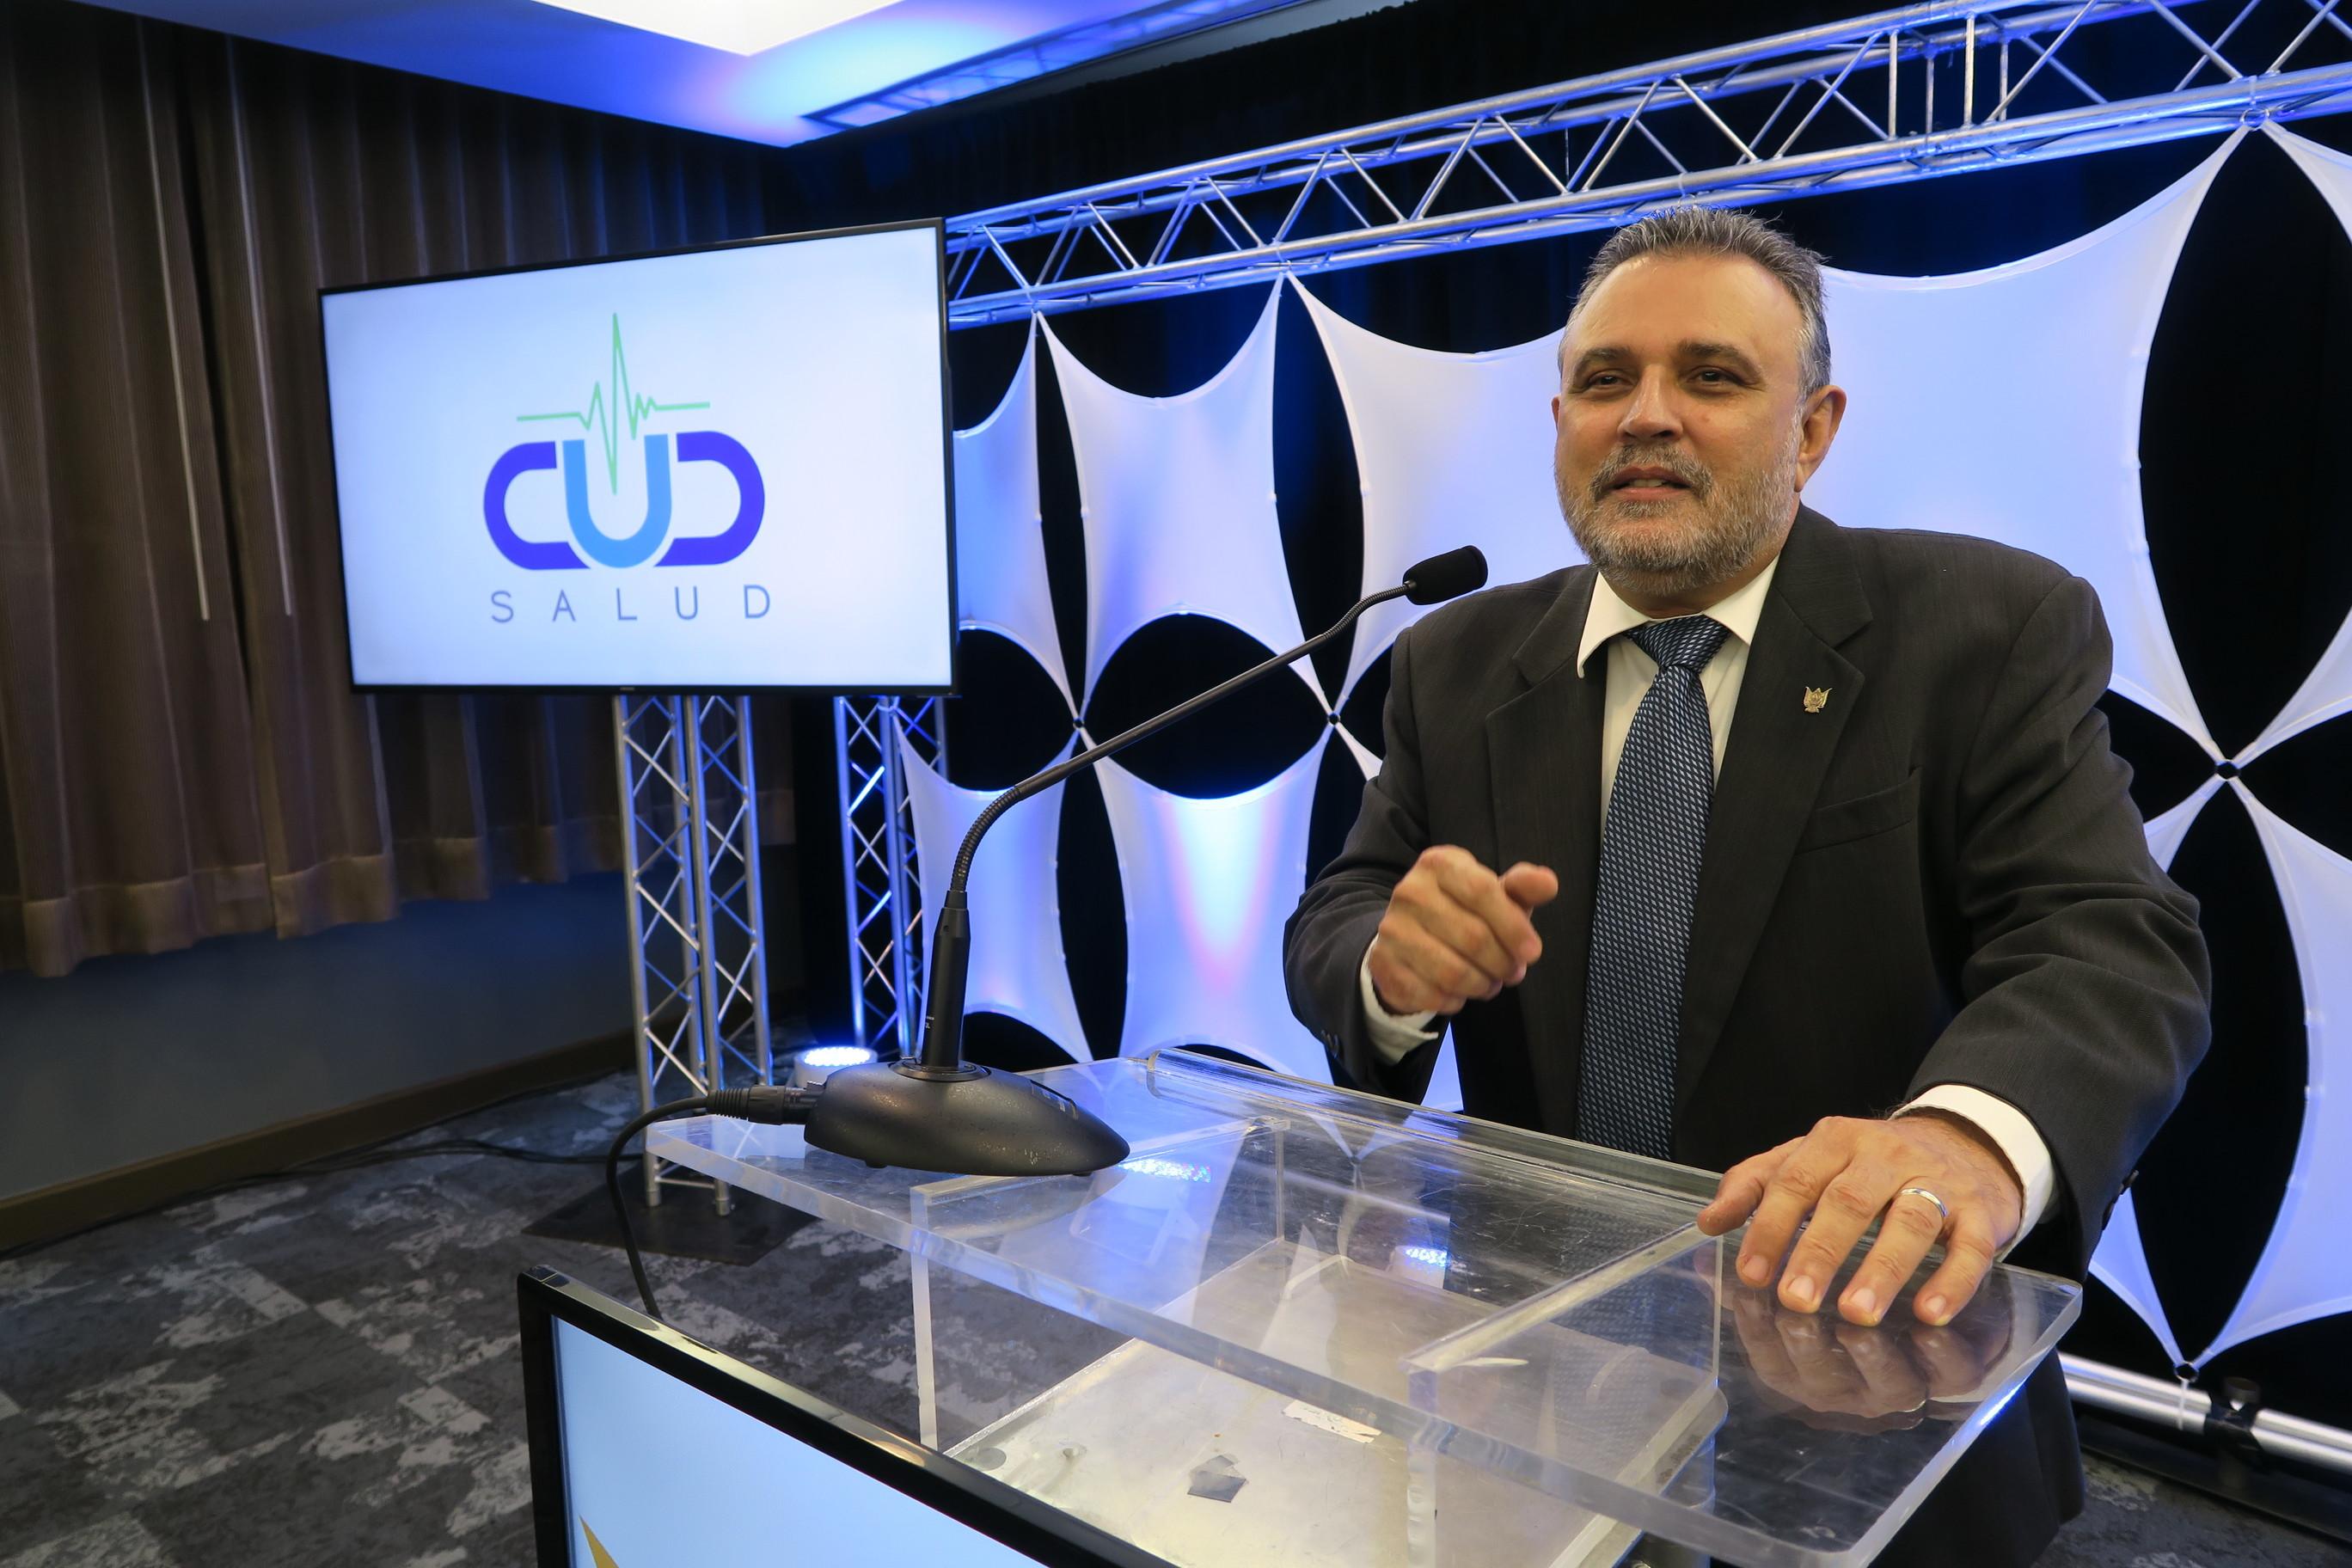 Nuevo presidente del CUD impulsa escuela empresarial